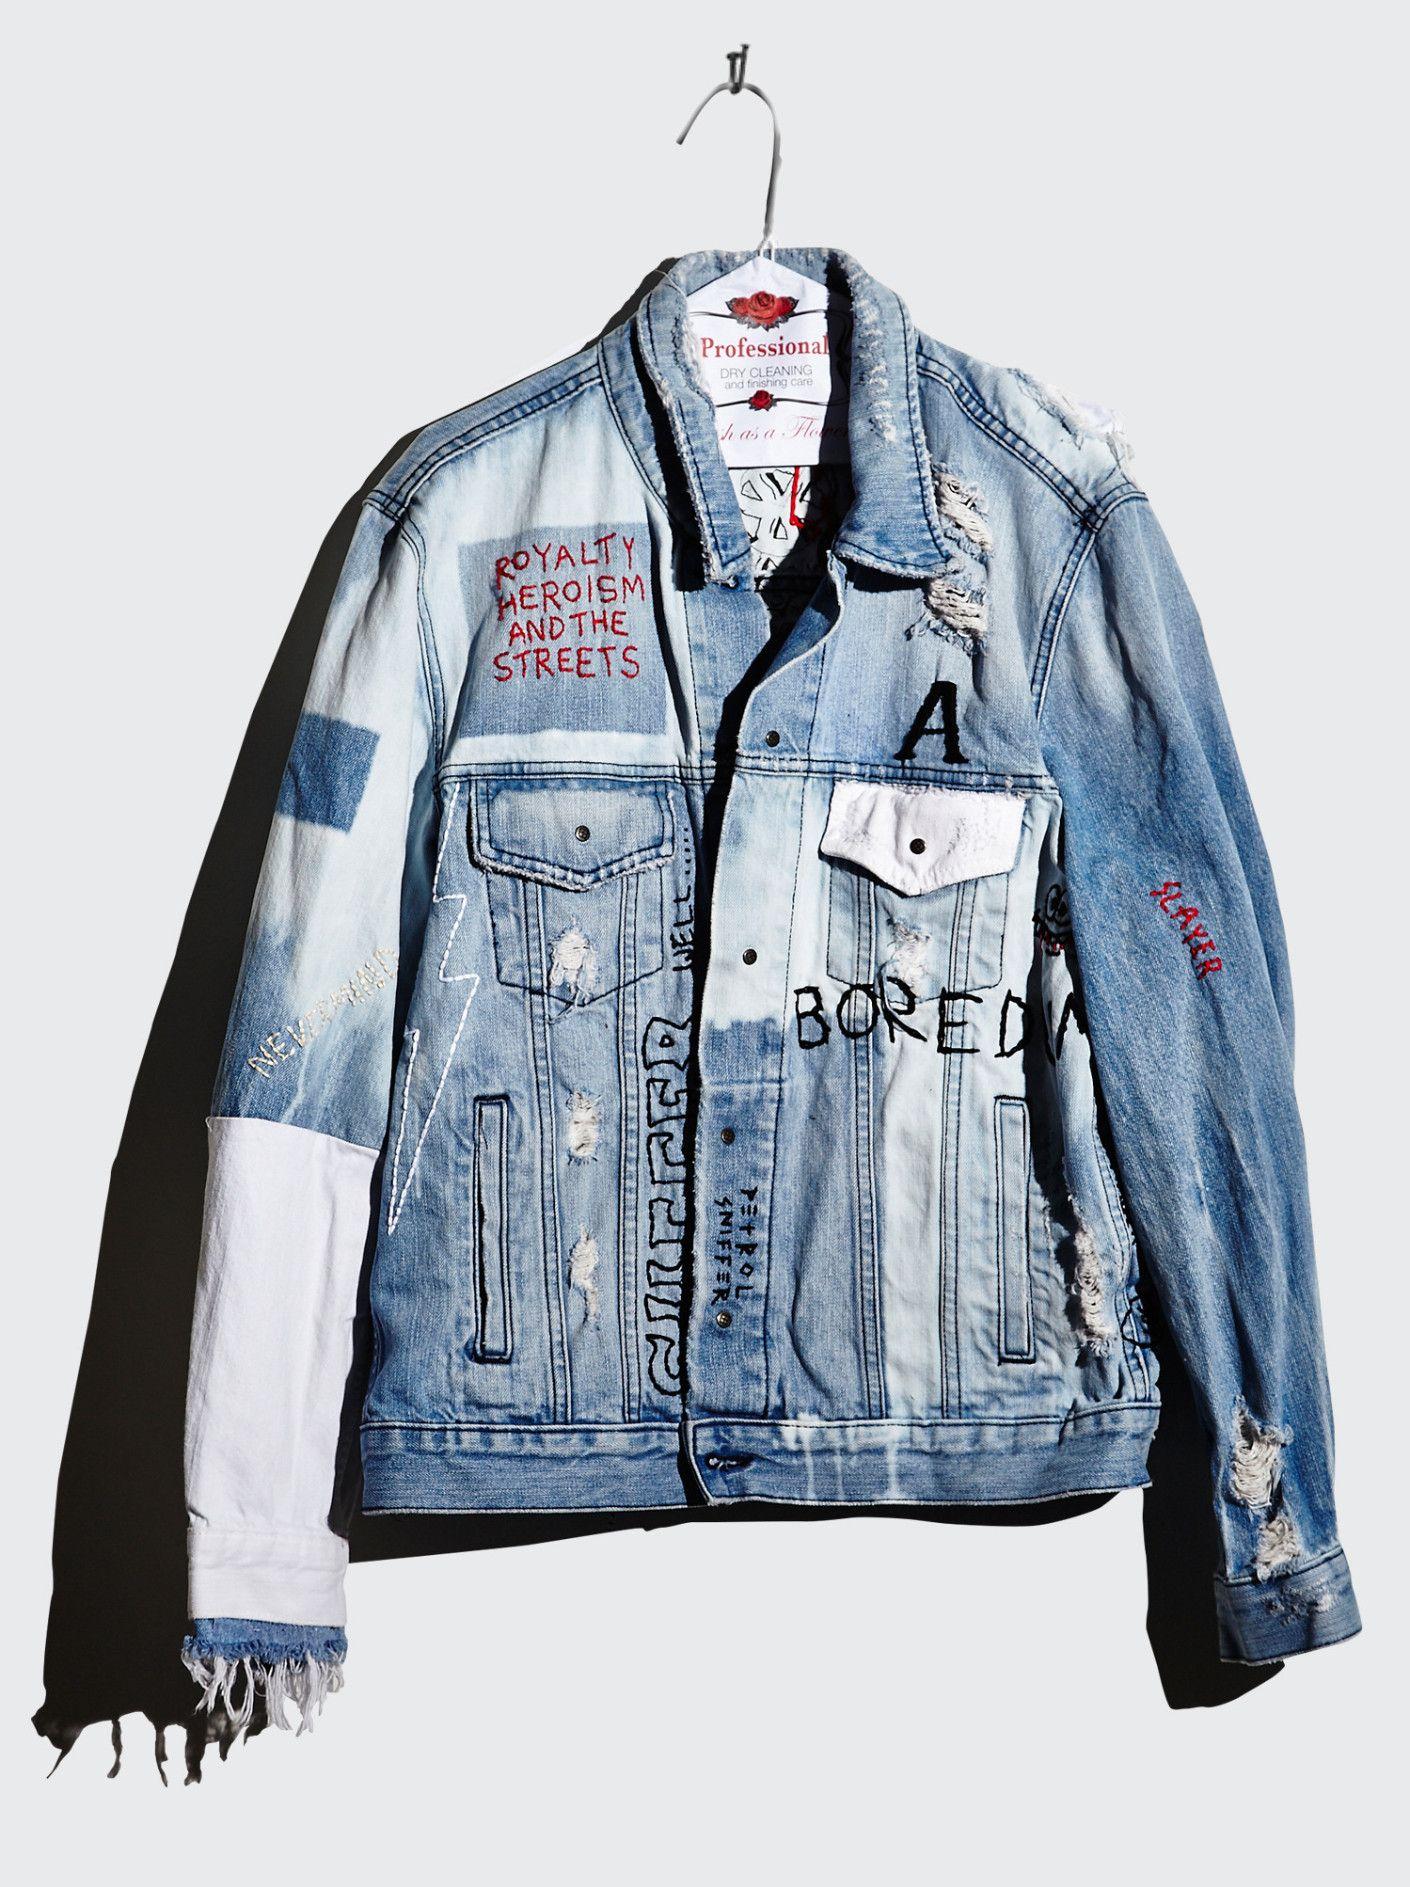 eeed9a47f35afa Unisex Jacket Wasted Roadie – ksubi Kustom Denim Jacket One of a kind,  custom piece Size Large 100% Cotton